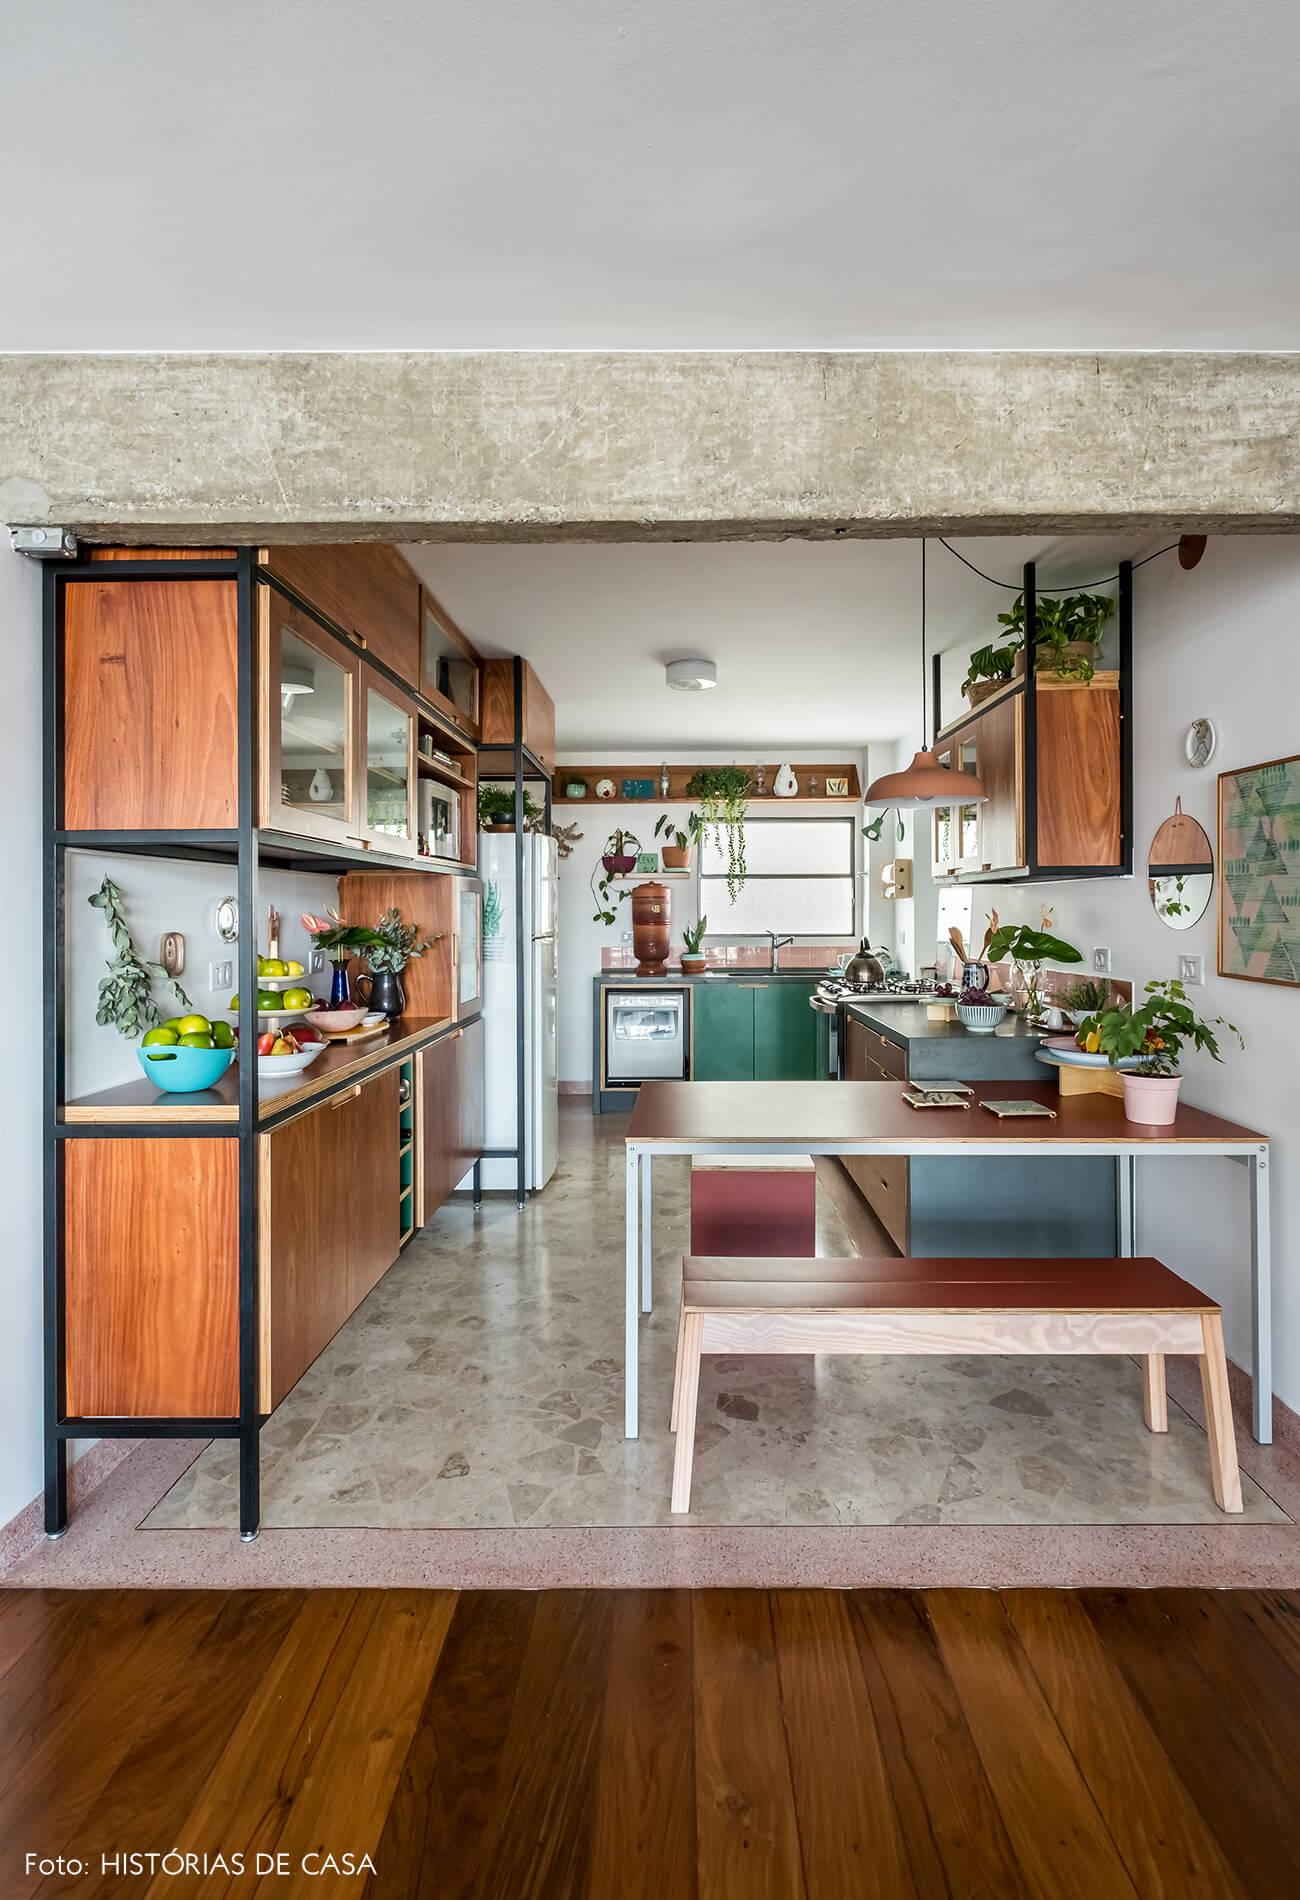 Apartamento com cozinha integrada e piso de granilite